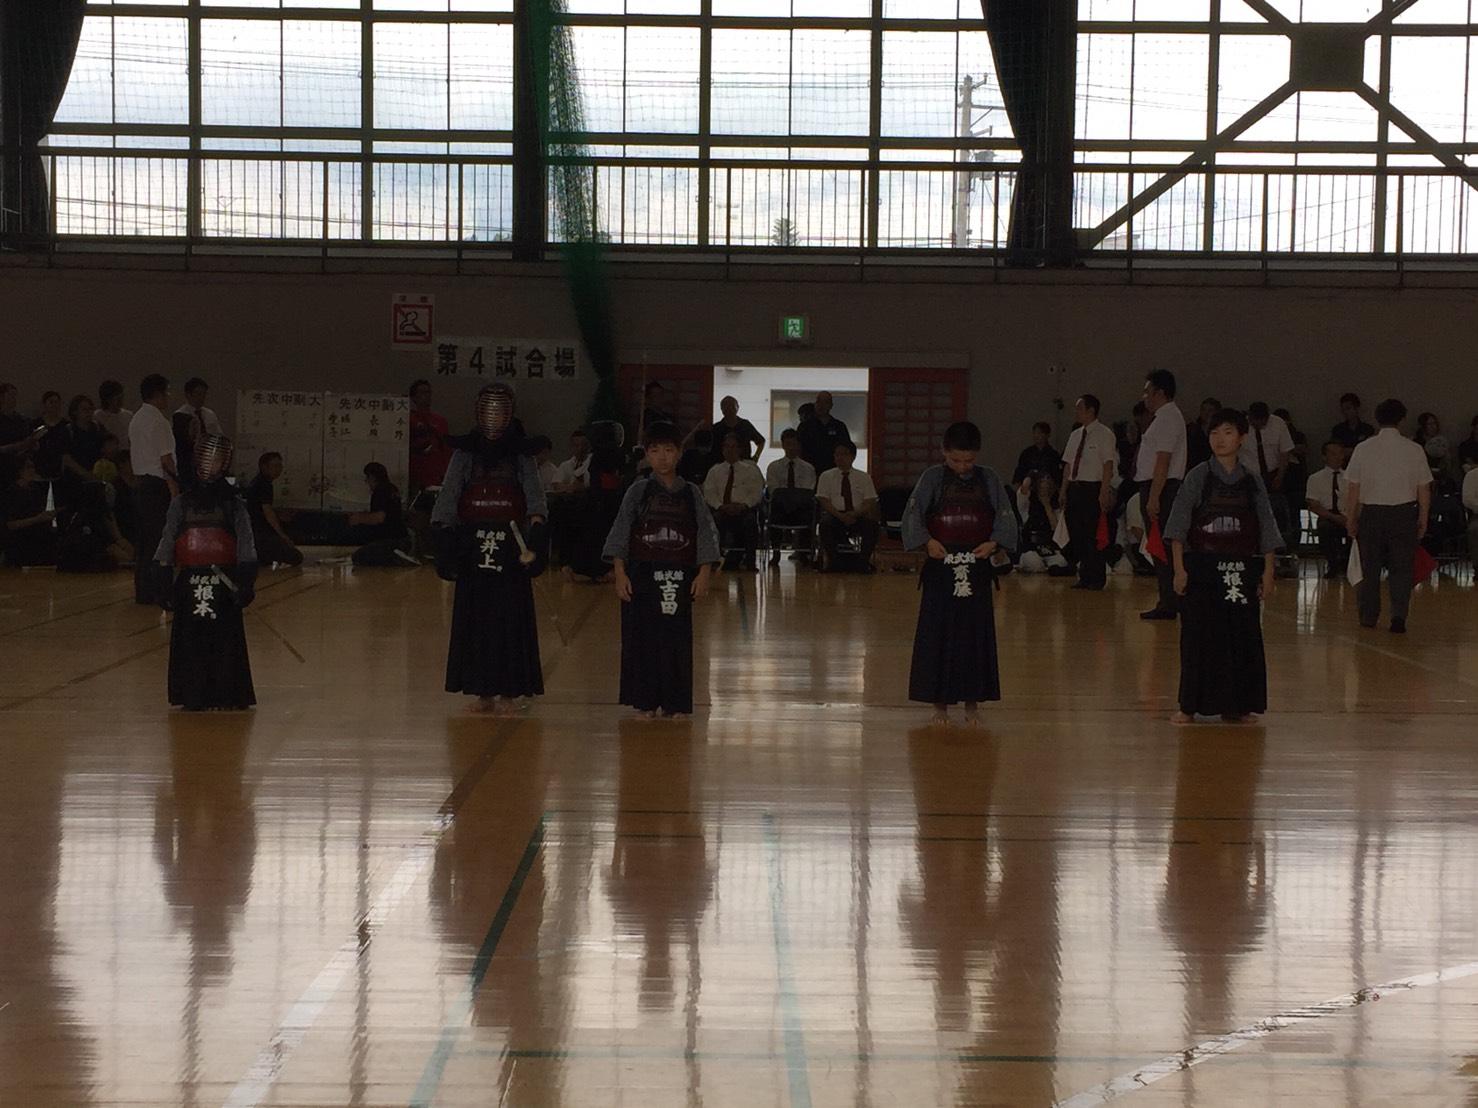 大会 | 振武館 須賀川市剣道スポーツ少年団